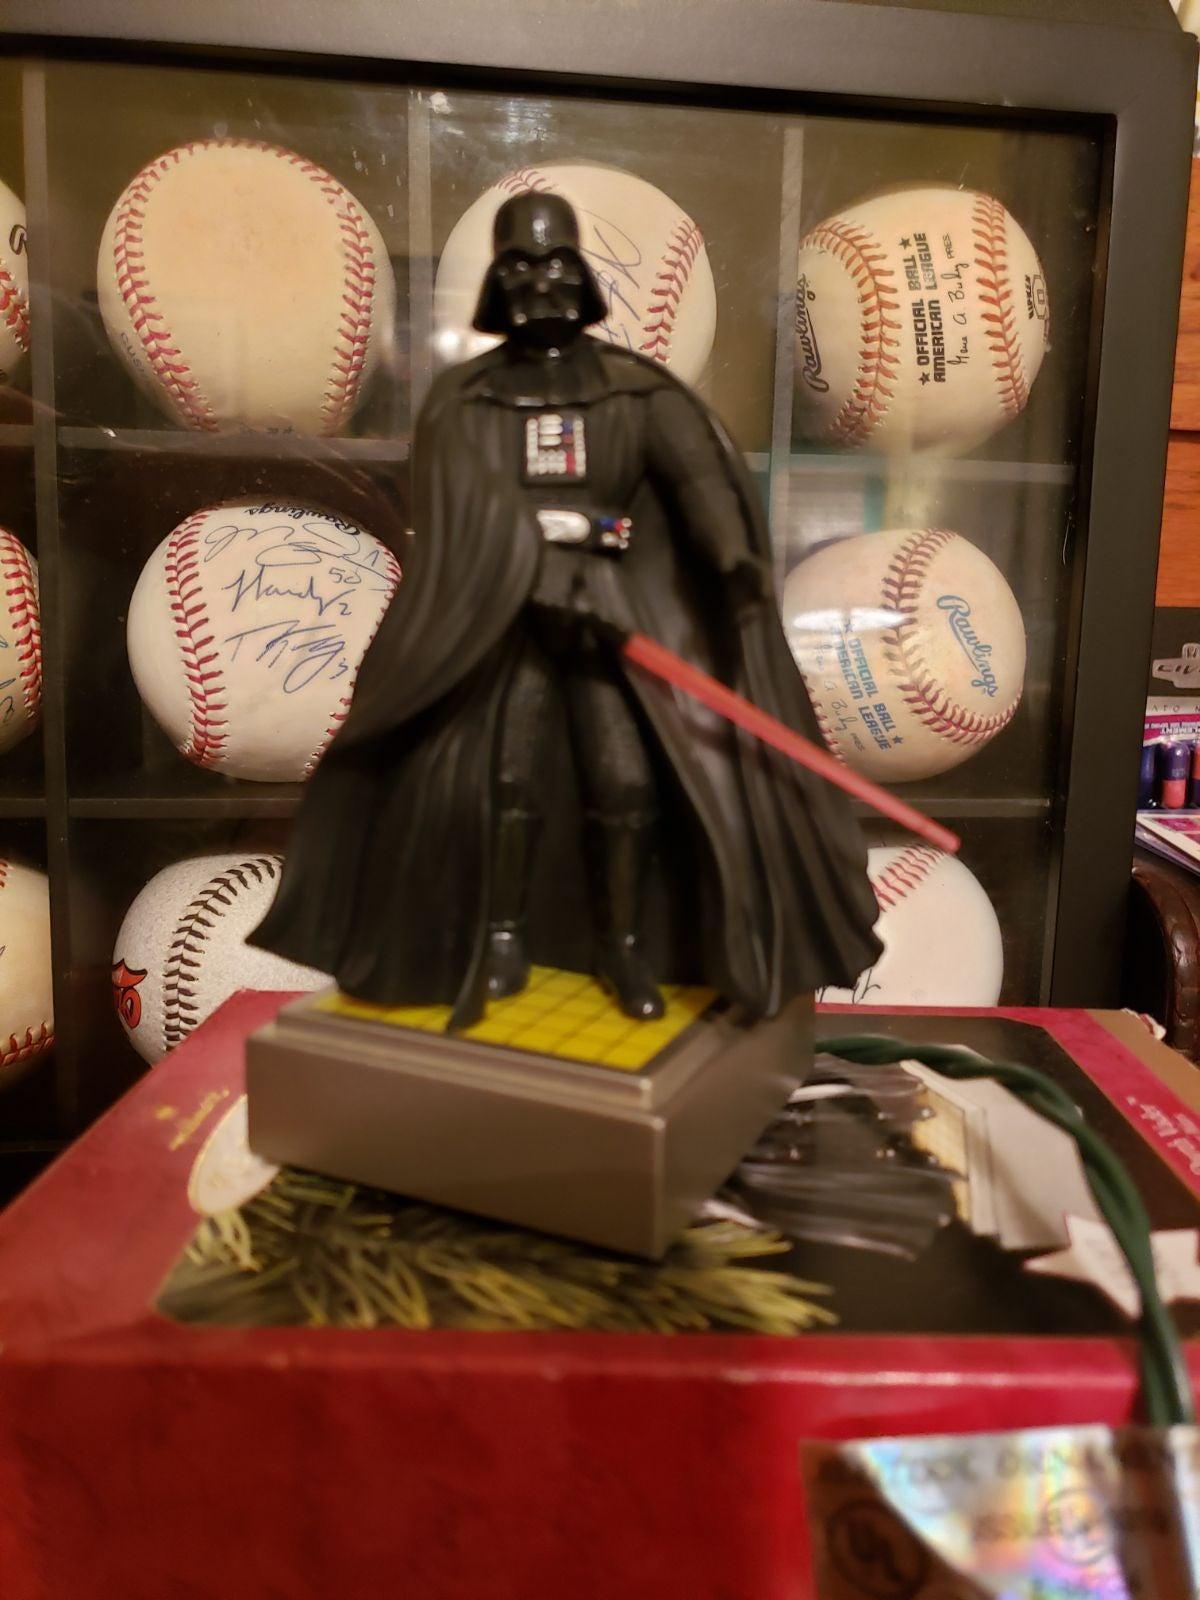 1997 Darth Vader Hallmark Ornament